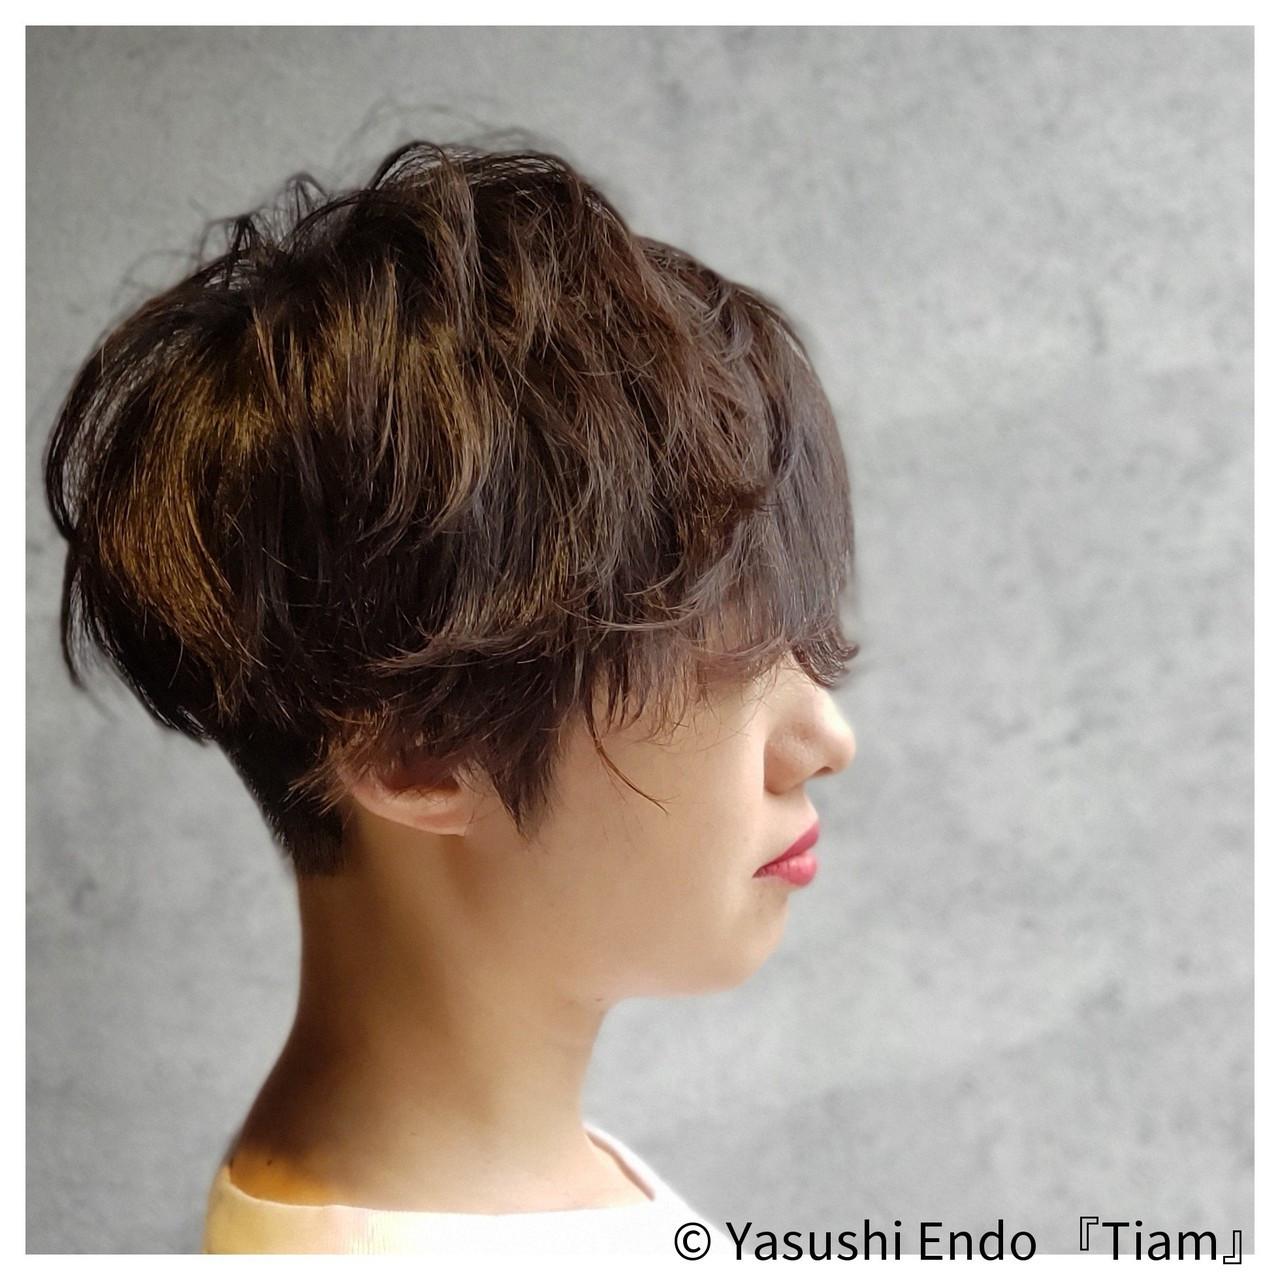 大人かわいい♡40代、50代に合わせ刈り上げヘア Yasushi Endo 『Tiam』